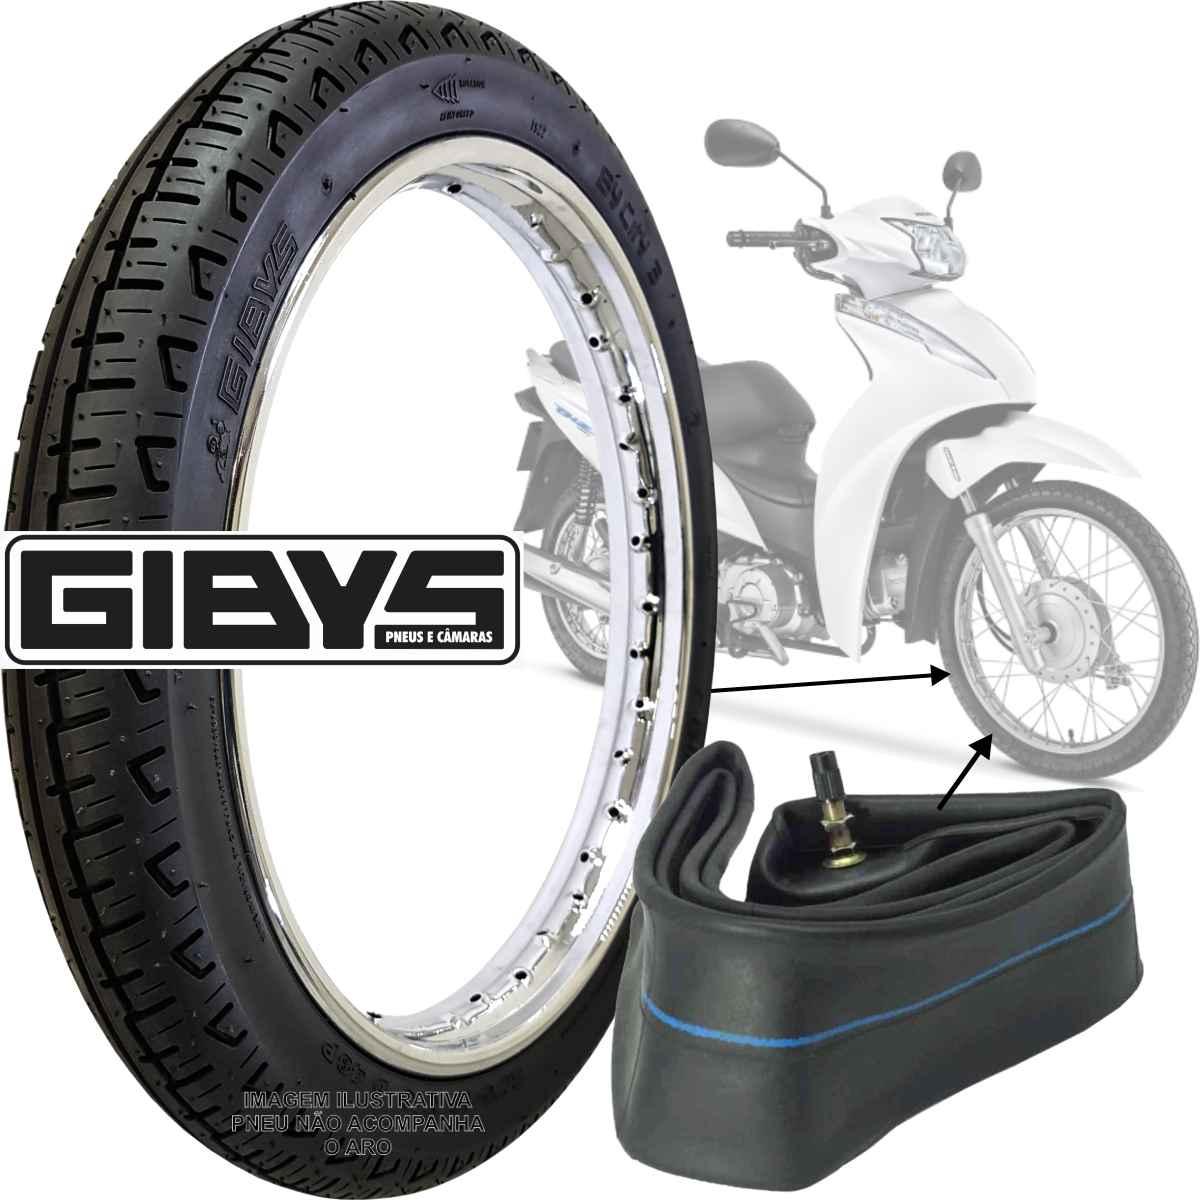 KIT PNEU DE MOTO TRASEIRO GIBYS MOTO BIZ POP 125 110i C100 100 60/100-17 33L + CÂMARA DE AR RODA 17